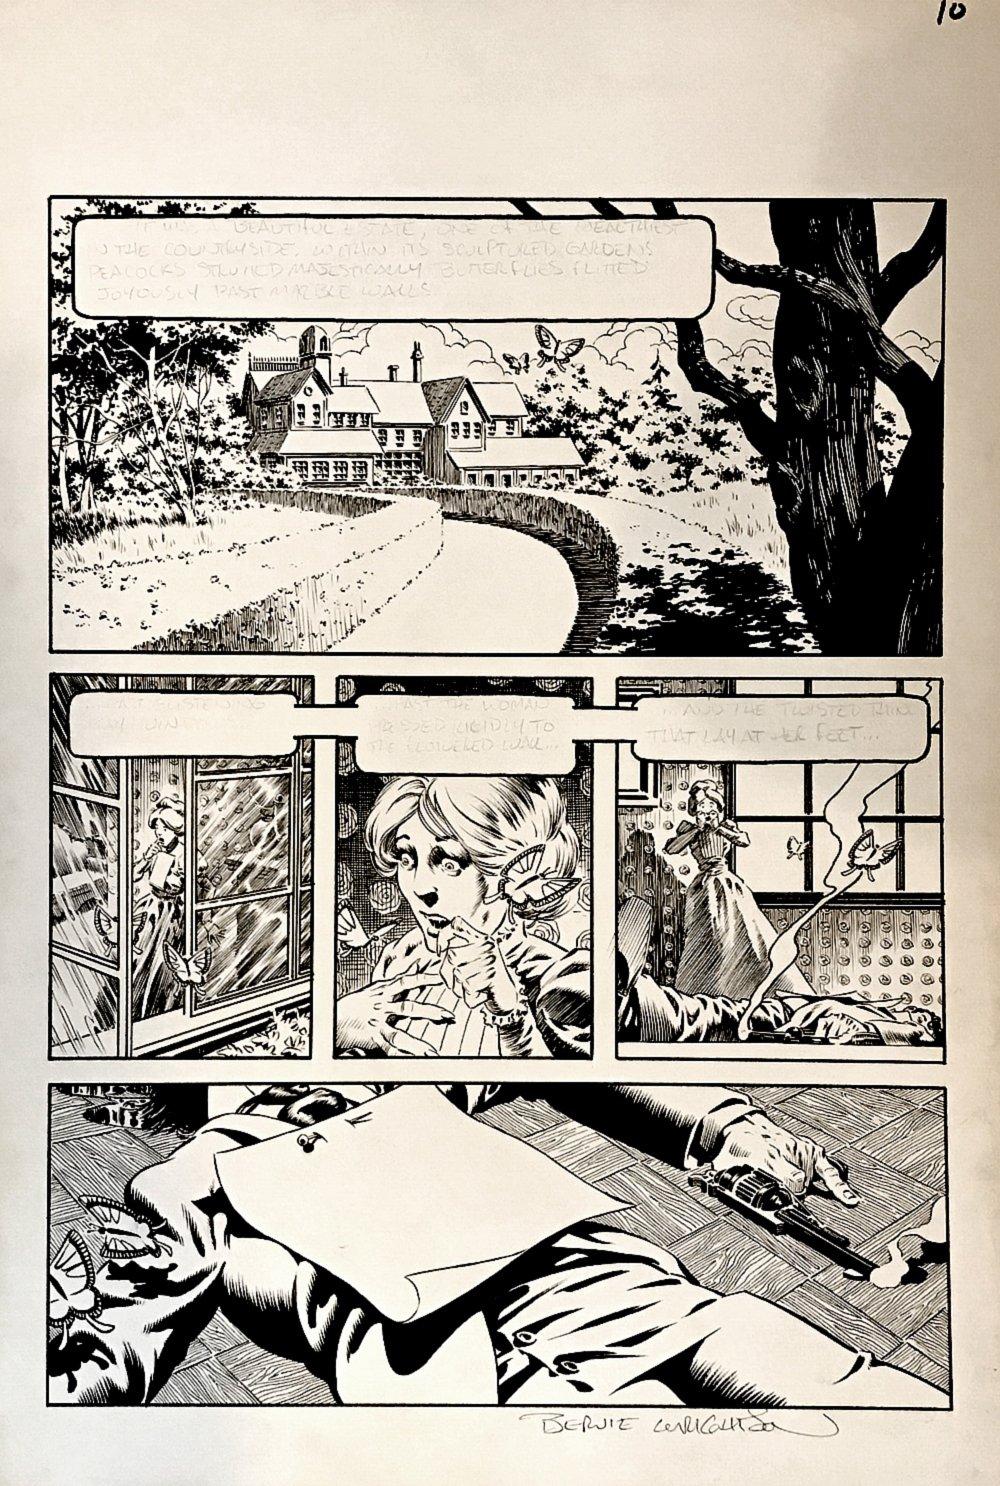 FREAKSHOW p 10 (Large Art) 1982